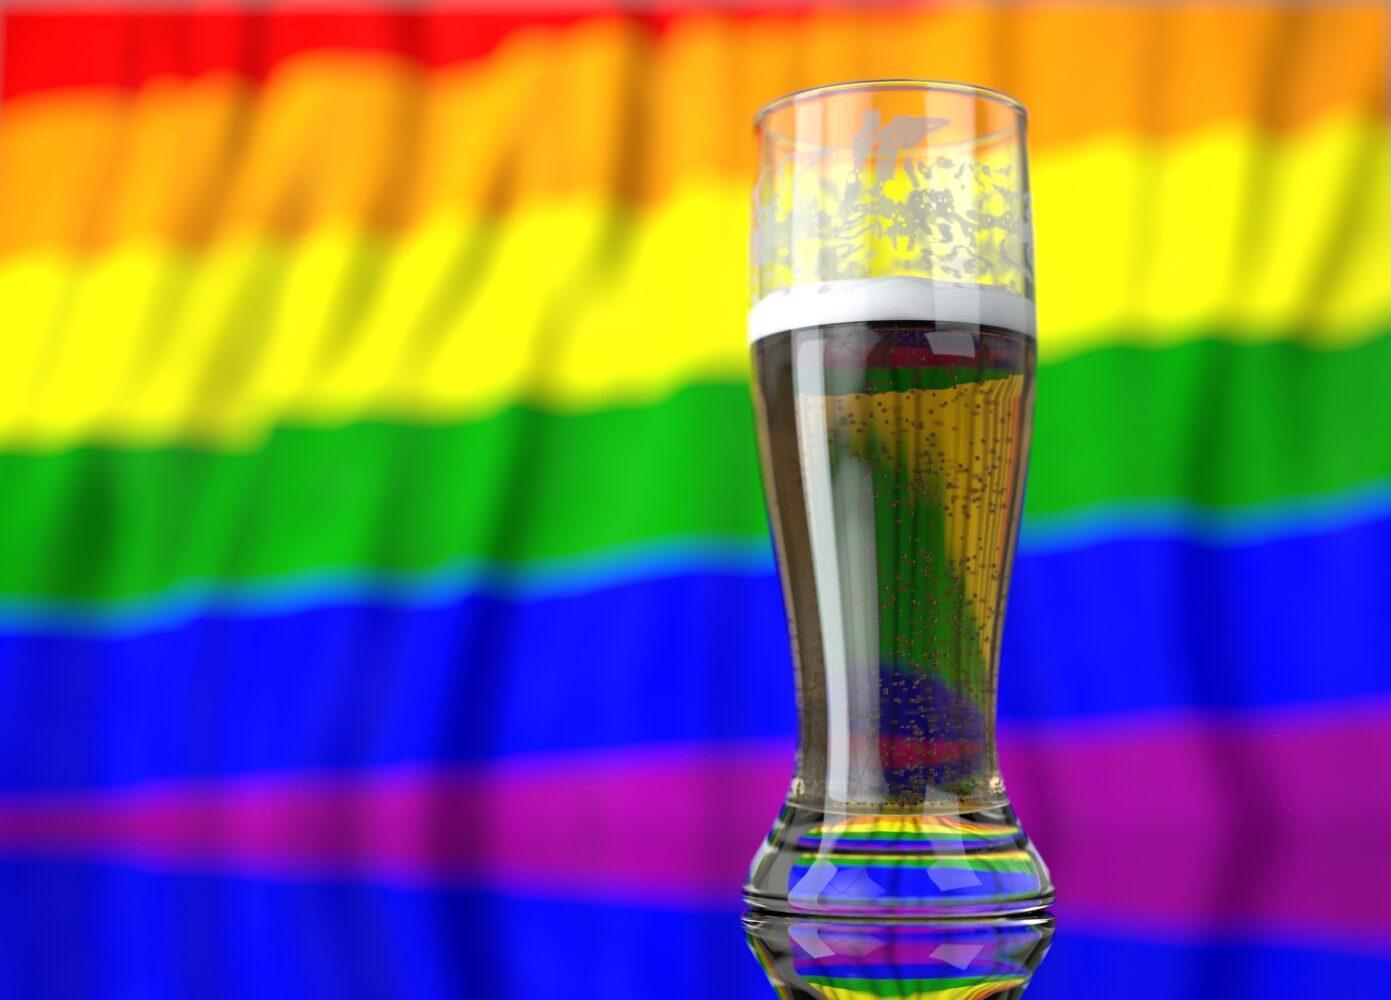 Marylands wartet mit eigenem Pride-Bier auf.